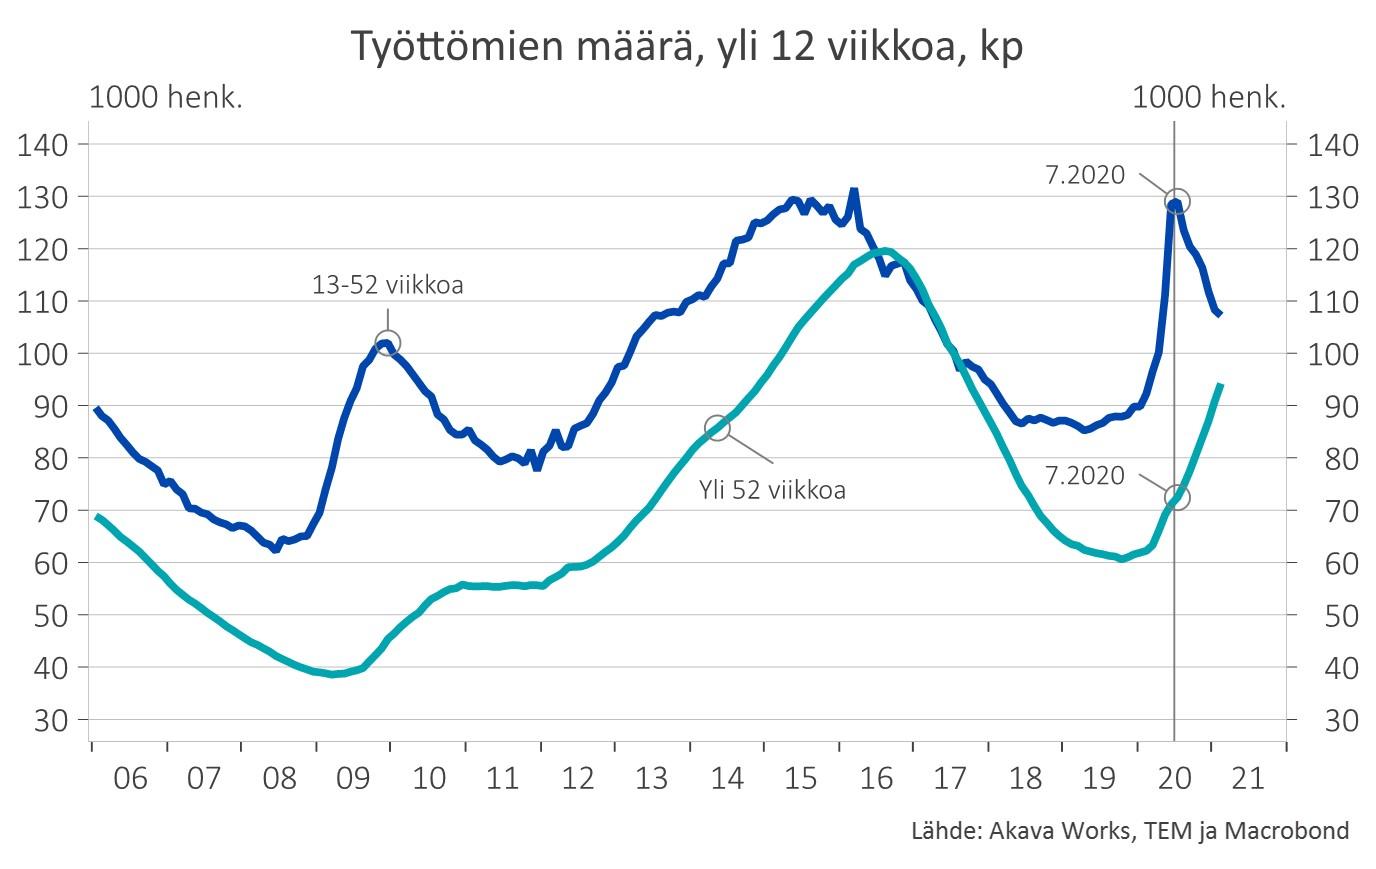 Kuvaaja: Työttömien määrä, yli 12 viikkoa, kp